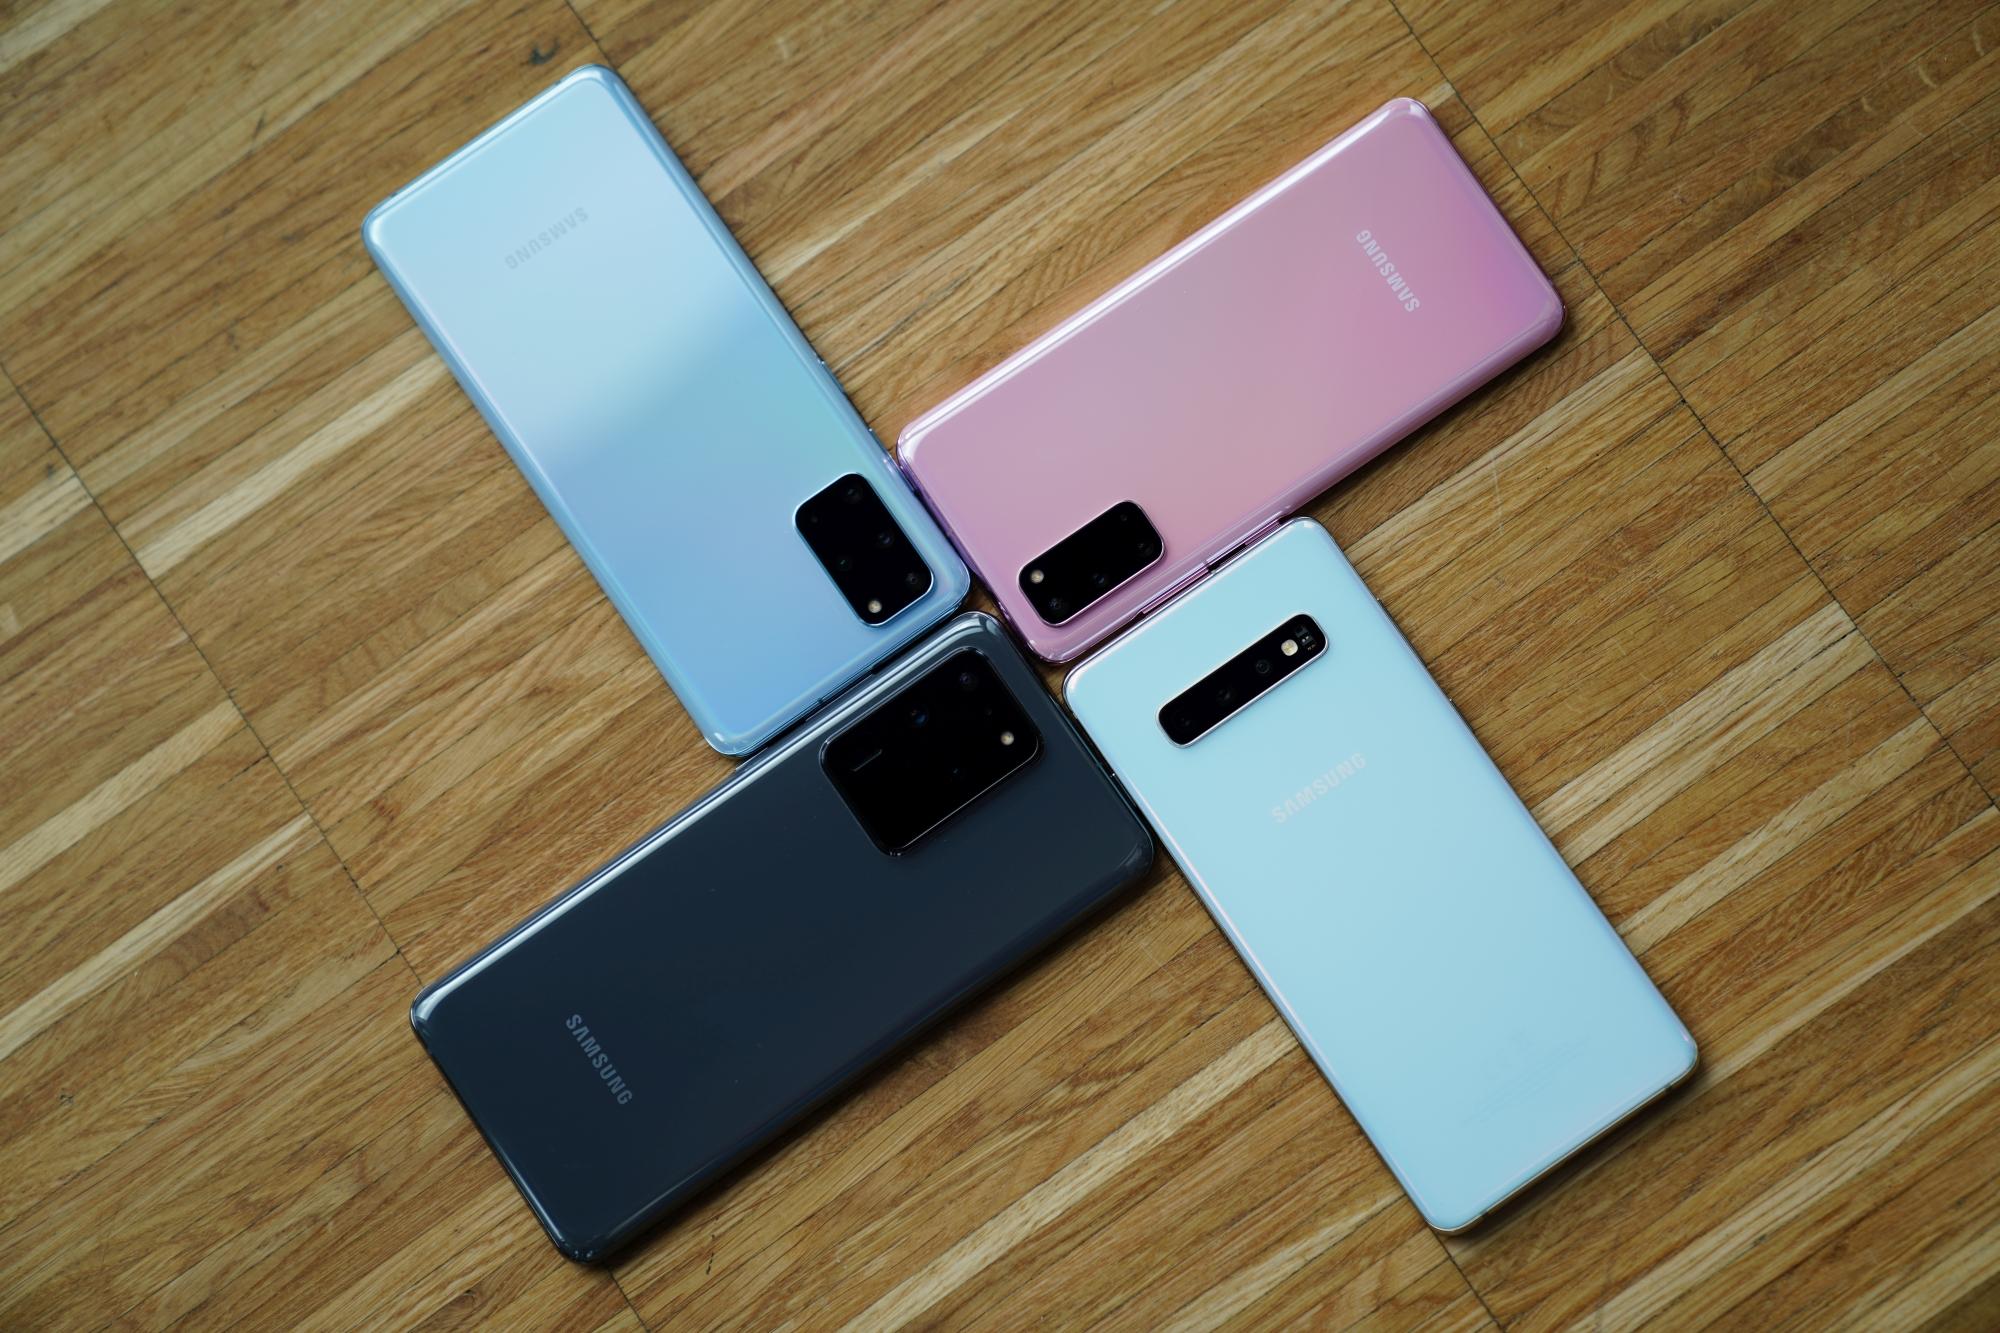 Ta promocja może skłonić Cię do zakupu smartfona z serii Galaxy S20